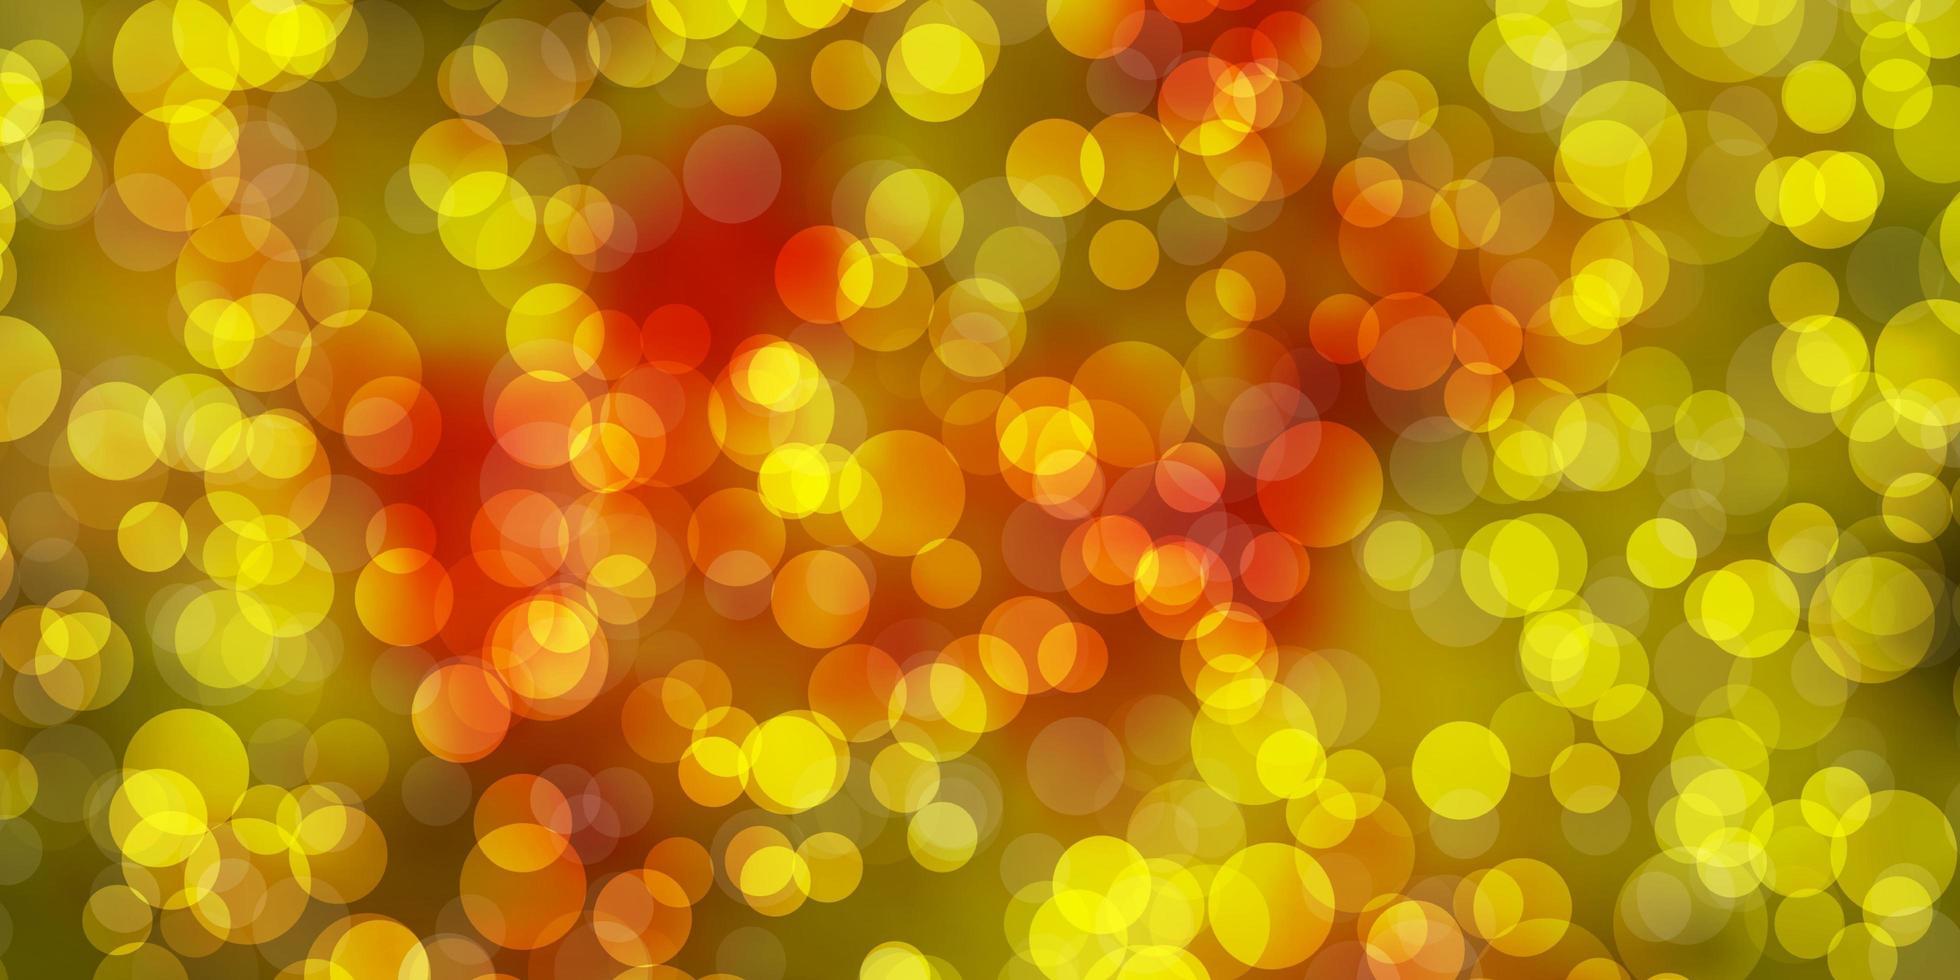 lichtroze, gele vector achtergrond met bubbels.